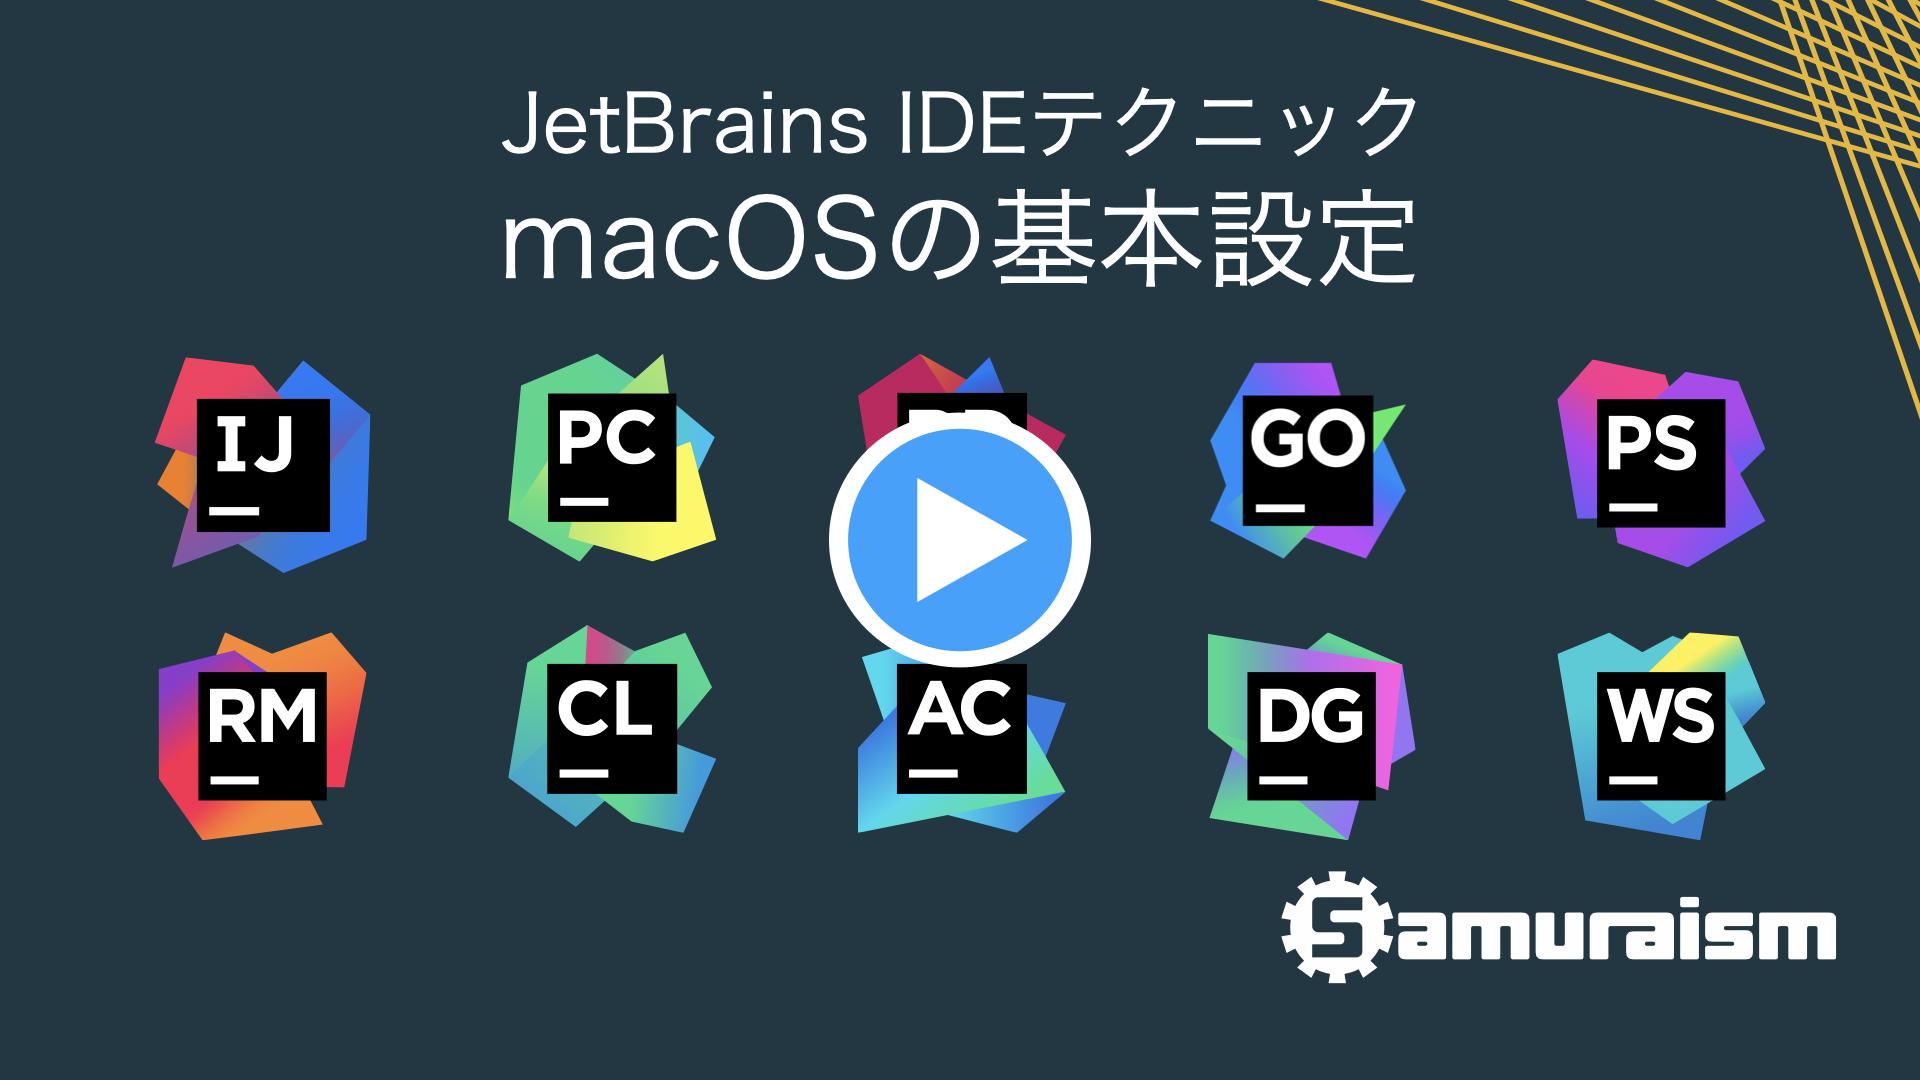 #JetBrainsIDEテクニック macOSの基本設定